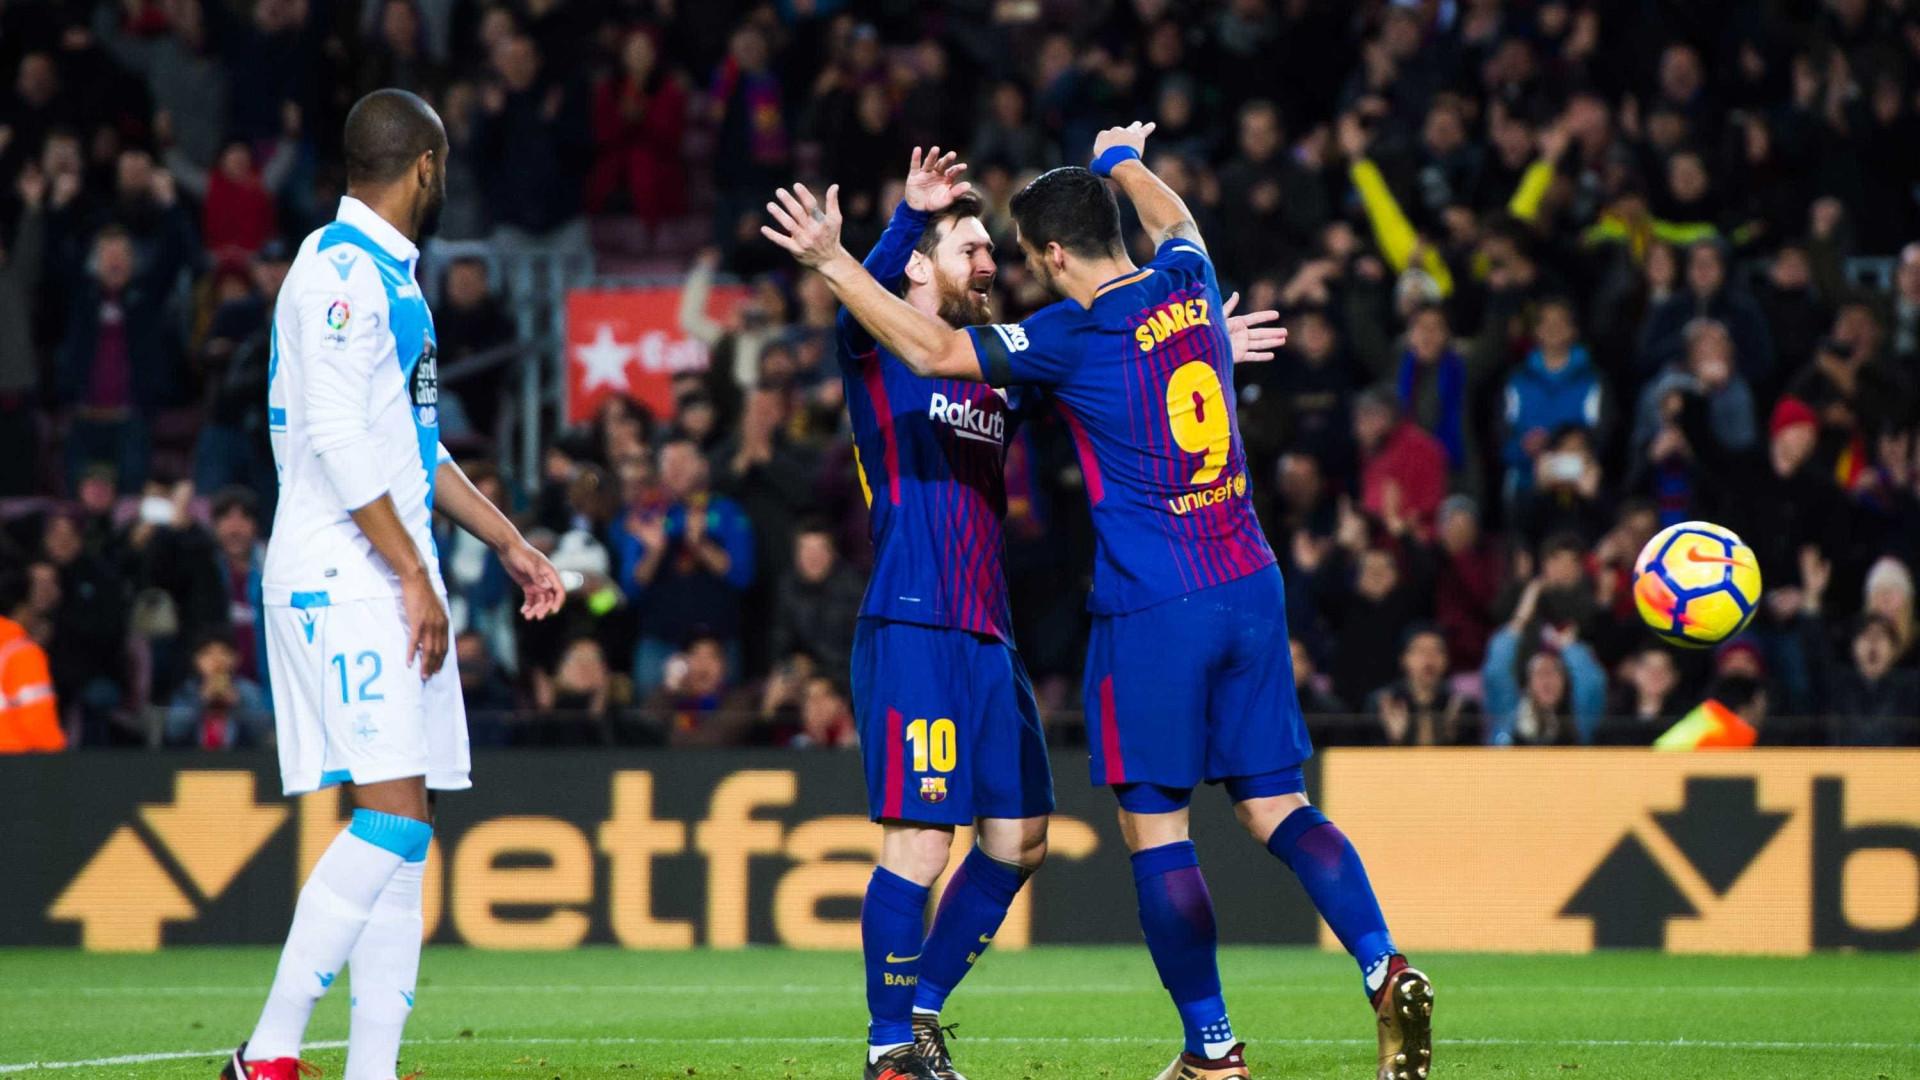 Técnico do Barcelona elogia Paulinho após goleada sobre Deportivo